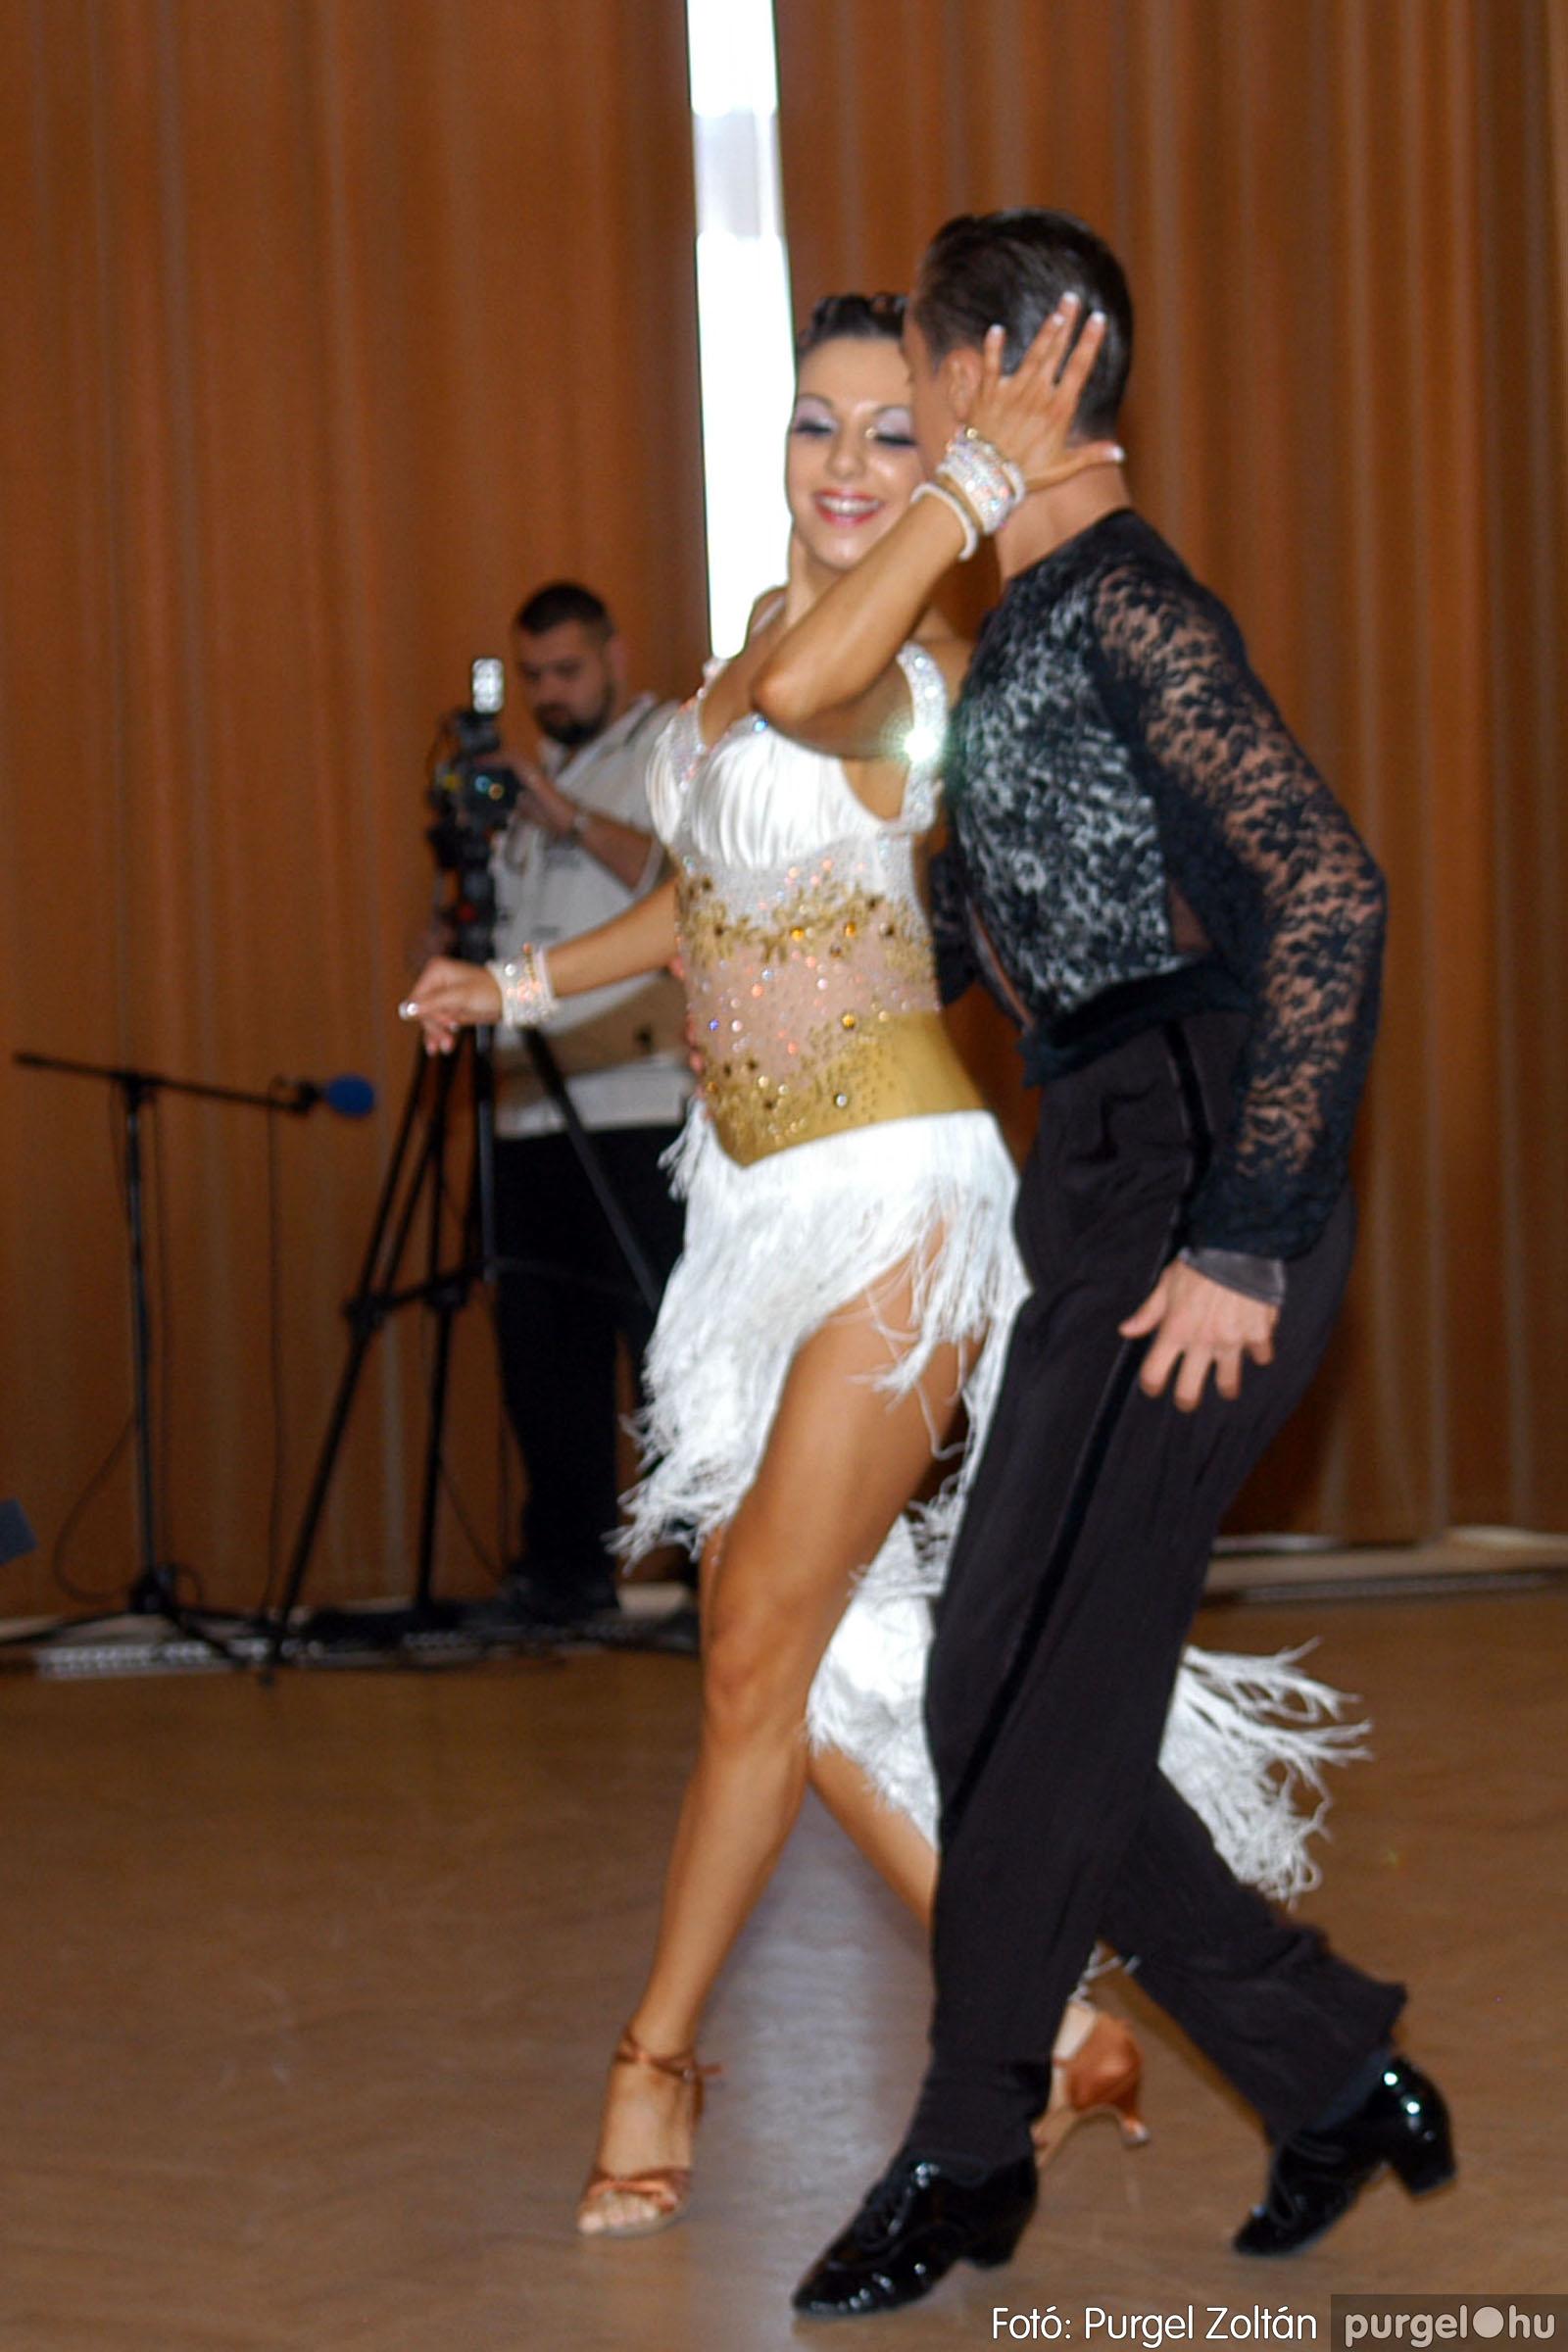 2010.10.28. 161 Szegvár és Vidéke Takarékszövetkezet takarékossági világnap rendezvény - Fotó:P. Z..jpg